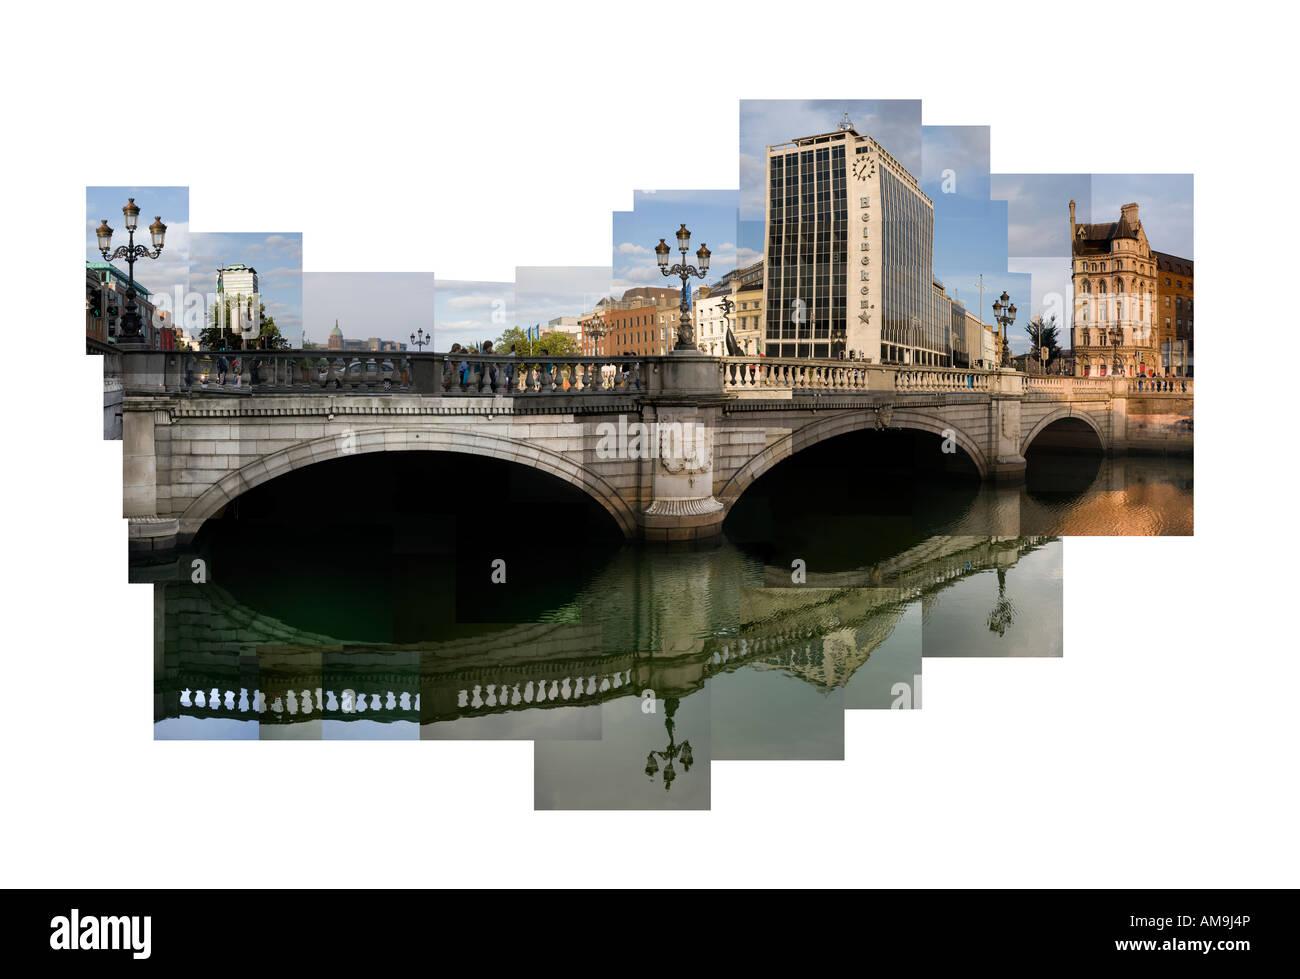 O'Connells Bridge and River Liffey, Dublin. - Stock Image